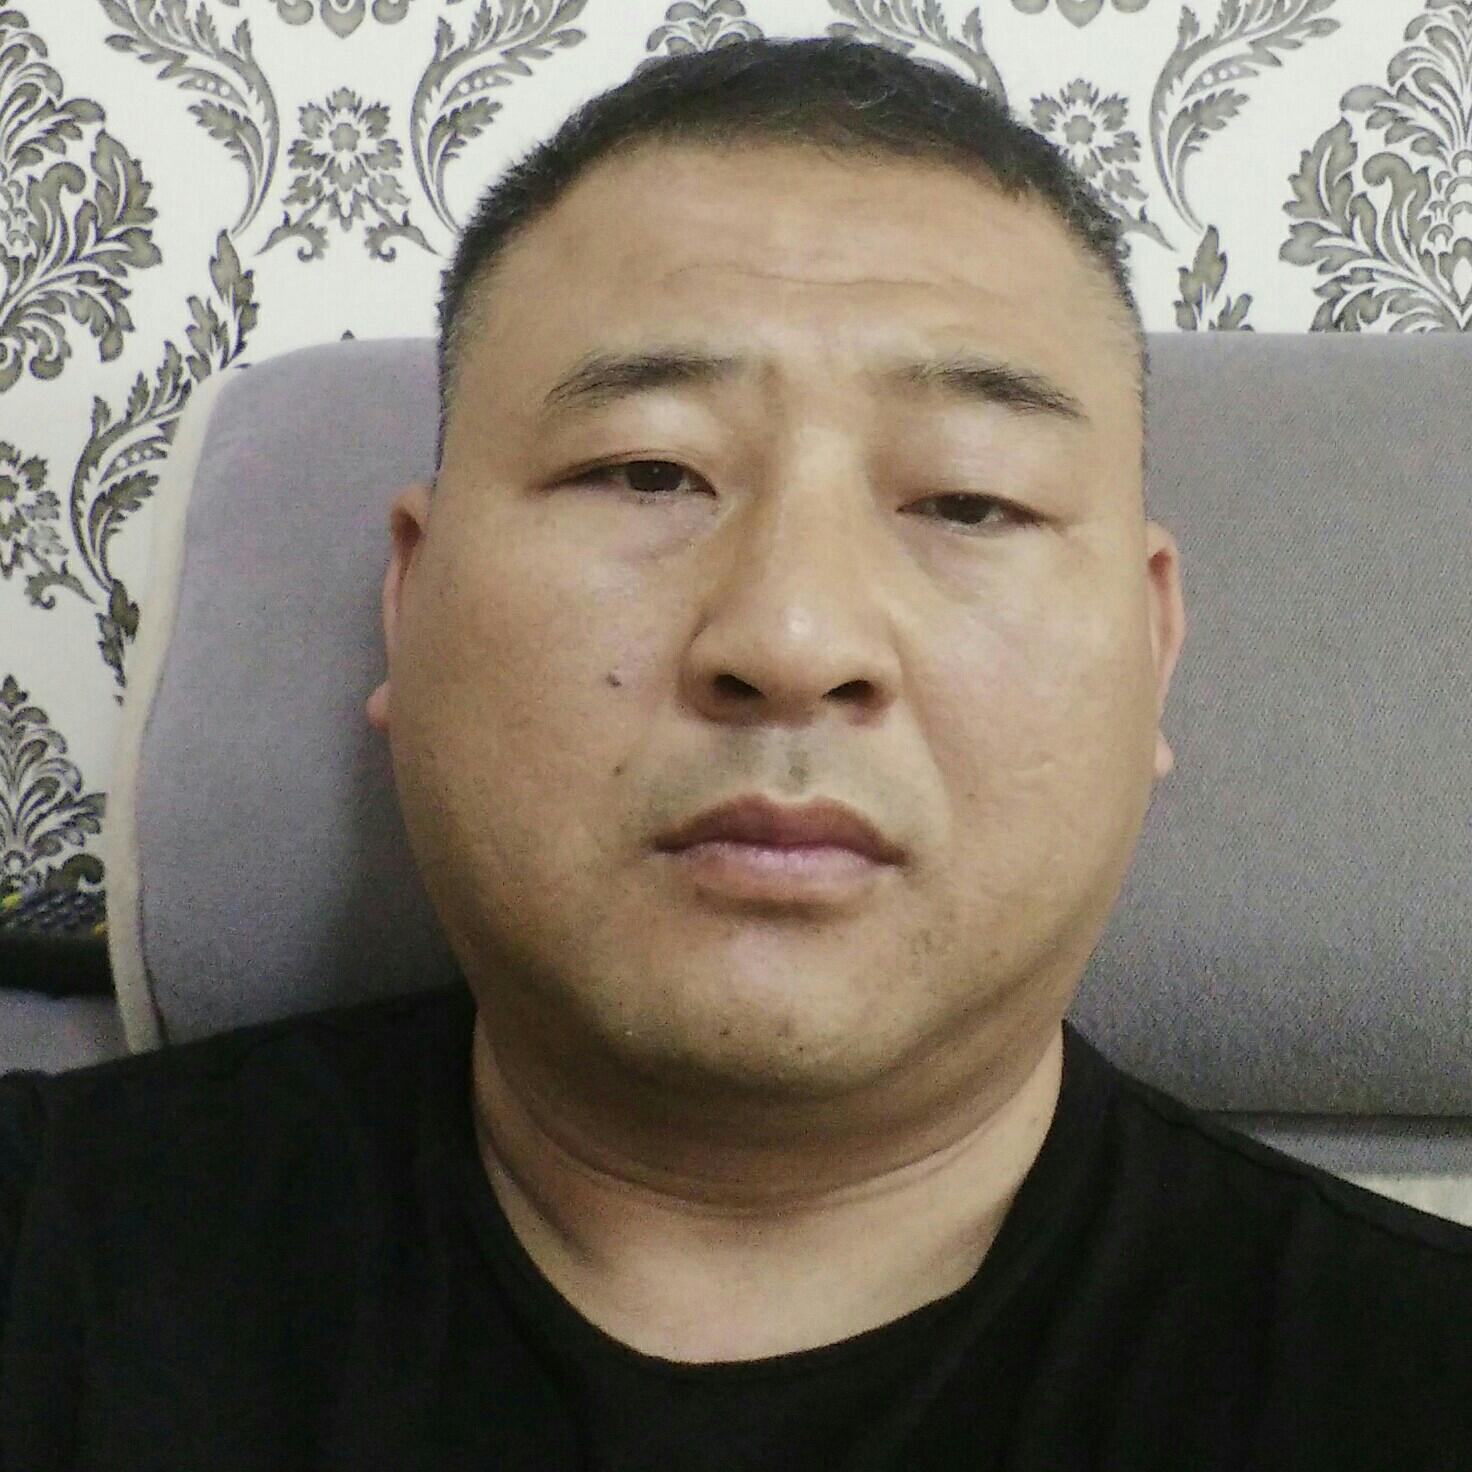 广西南宁特宝声音响有限责任公司经理黎蔚坚照片